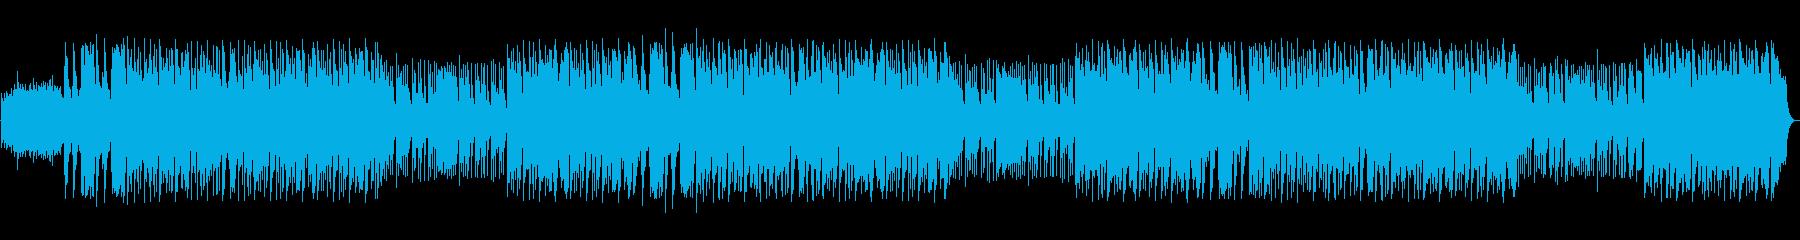 シンバルヒット、ダークショット、シ...の再生済みの波形